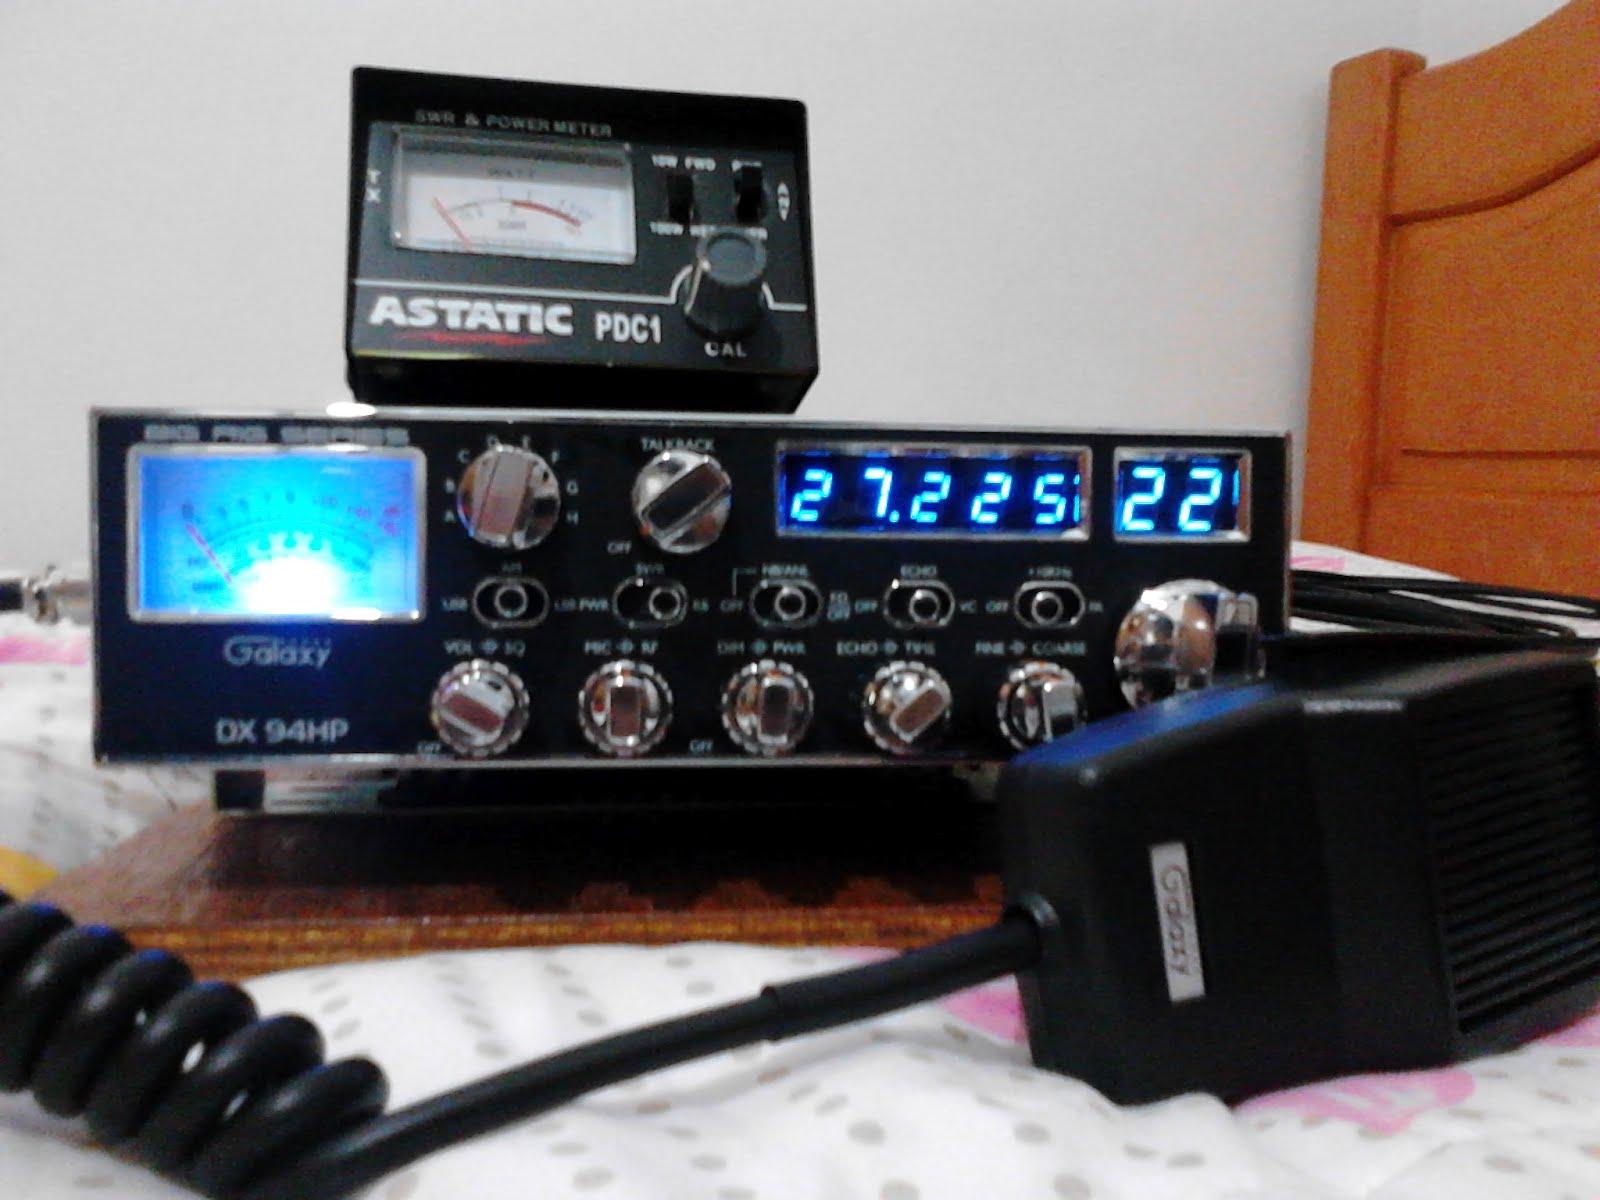 Galaxy dx94hp - Radio Px 10 e 12 metros   Sineir Marcos